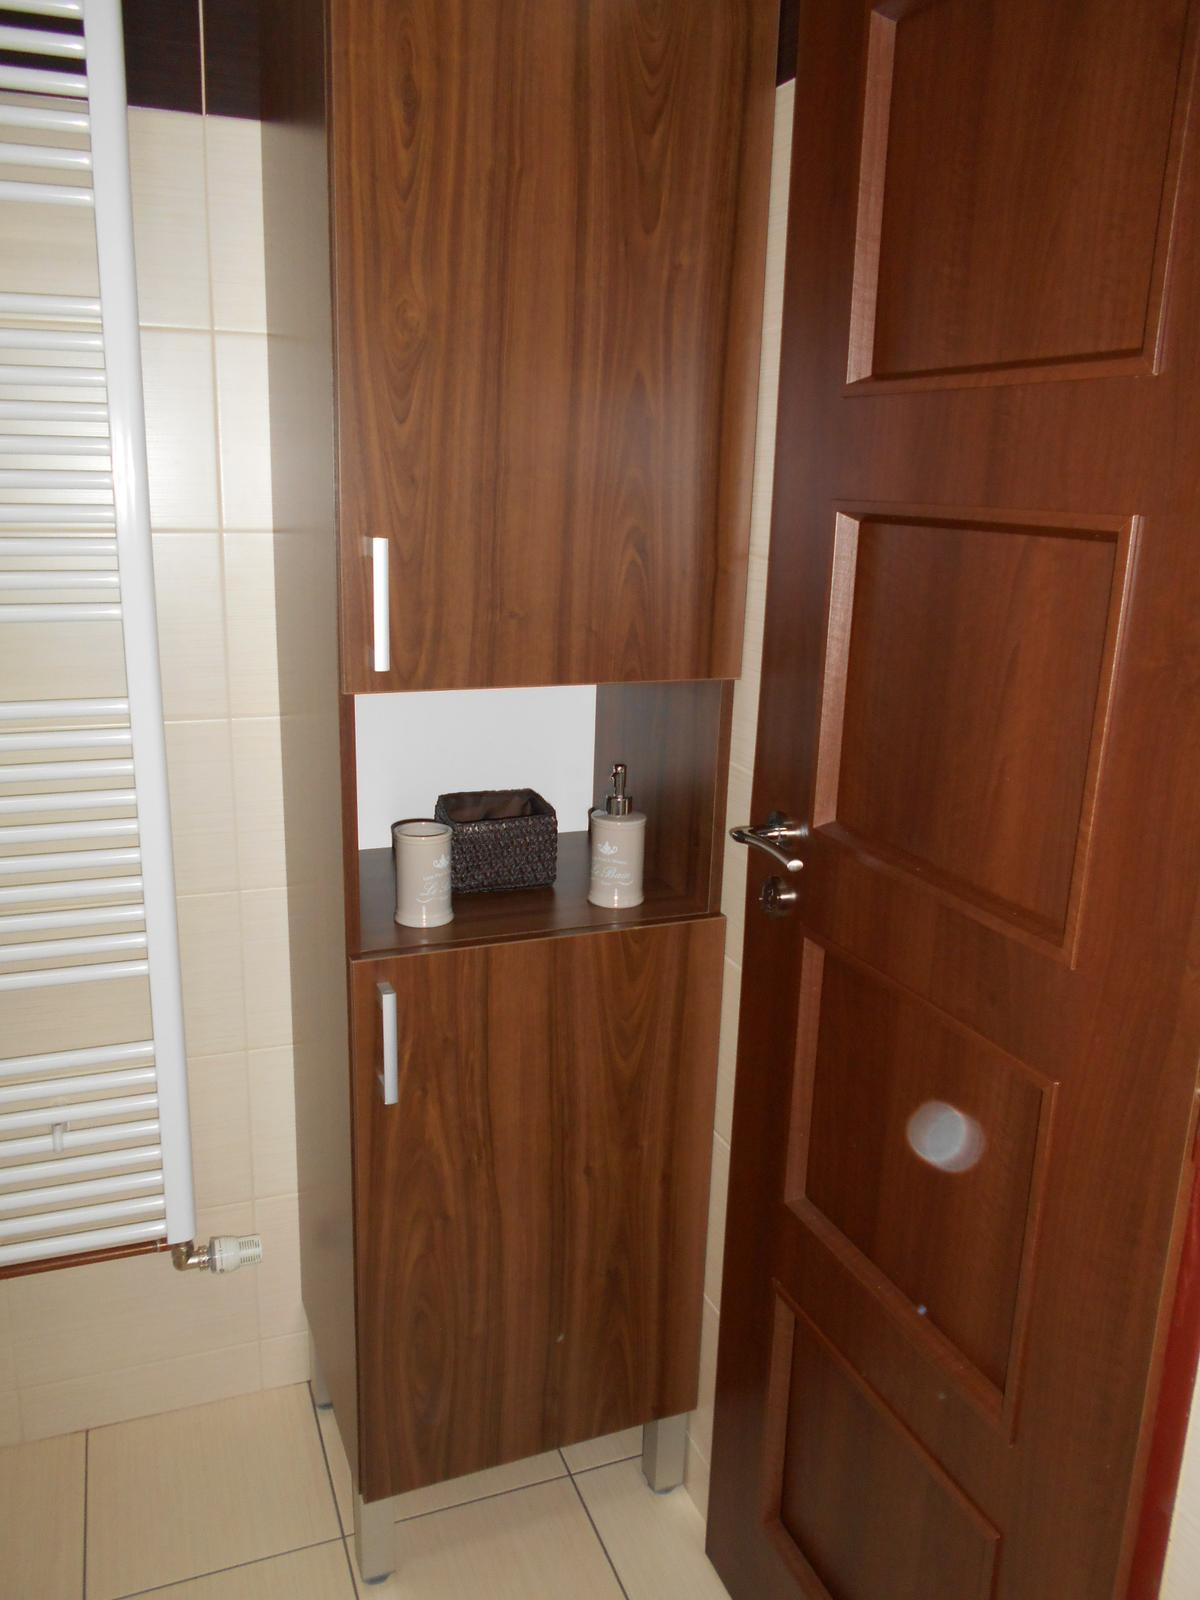 Koupelna - Obrázek č. 43